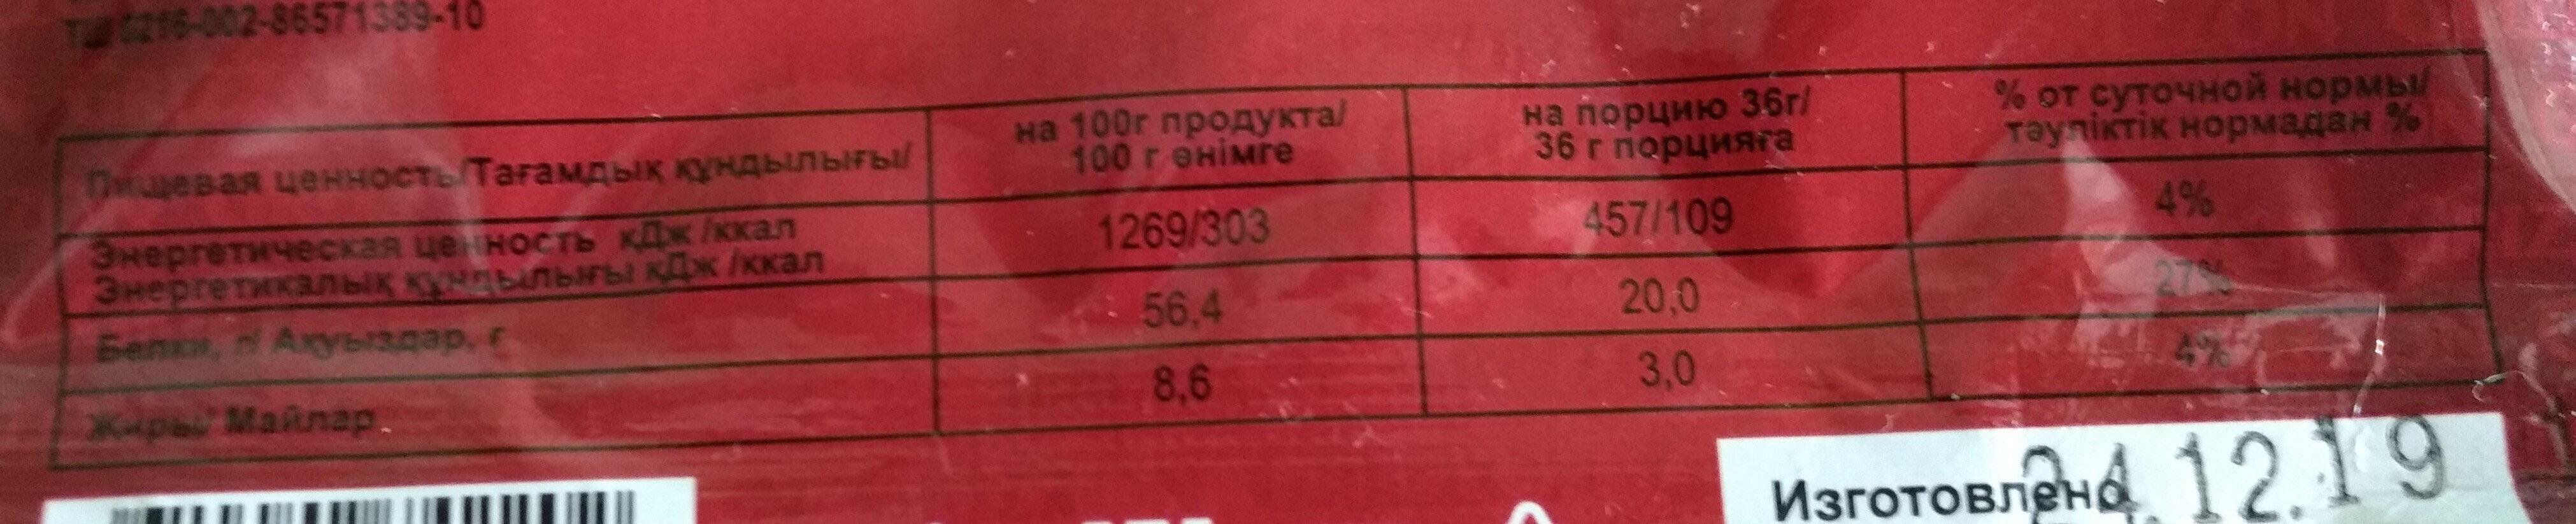 конина сушеная оригинальная - Informations nutritionnelles - ru